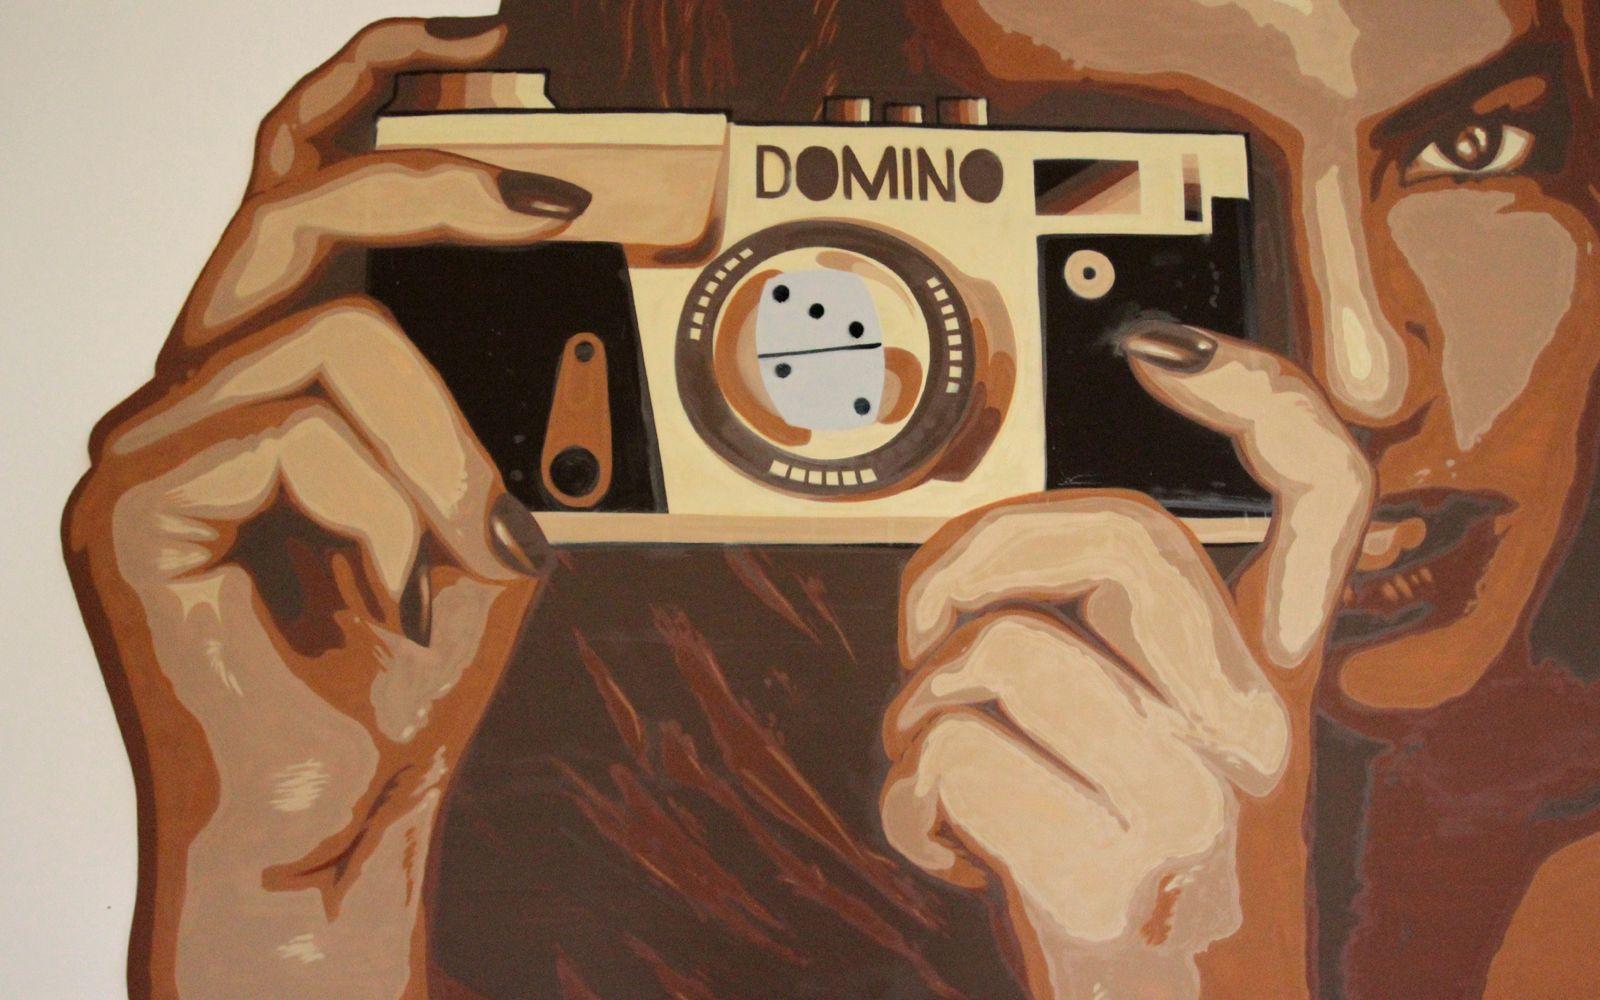 Domino's Girl